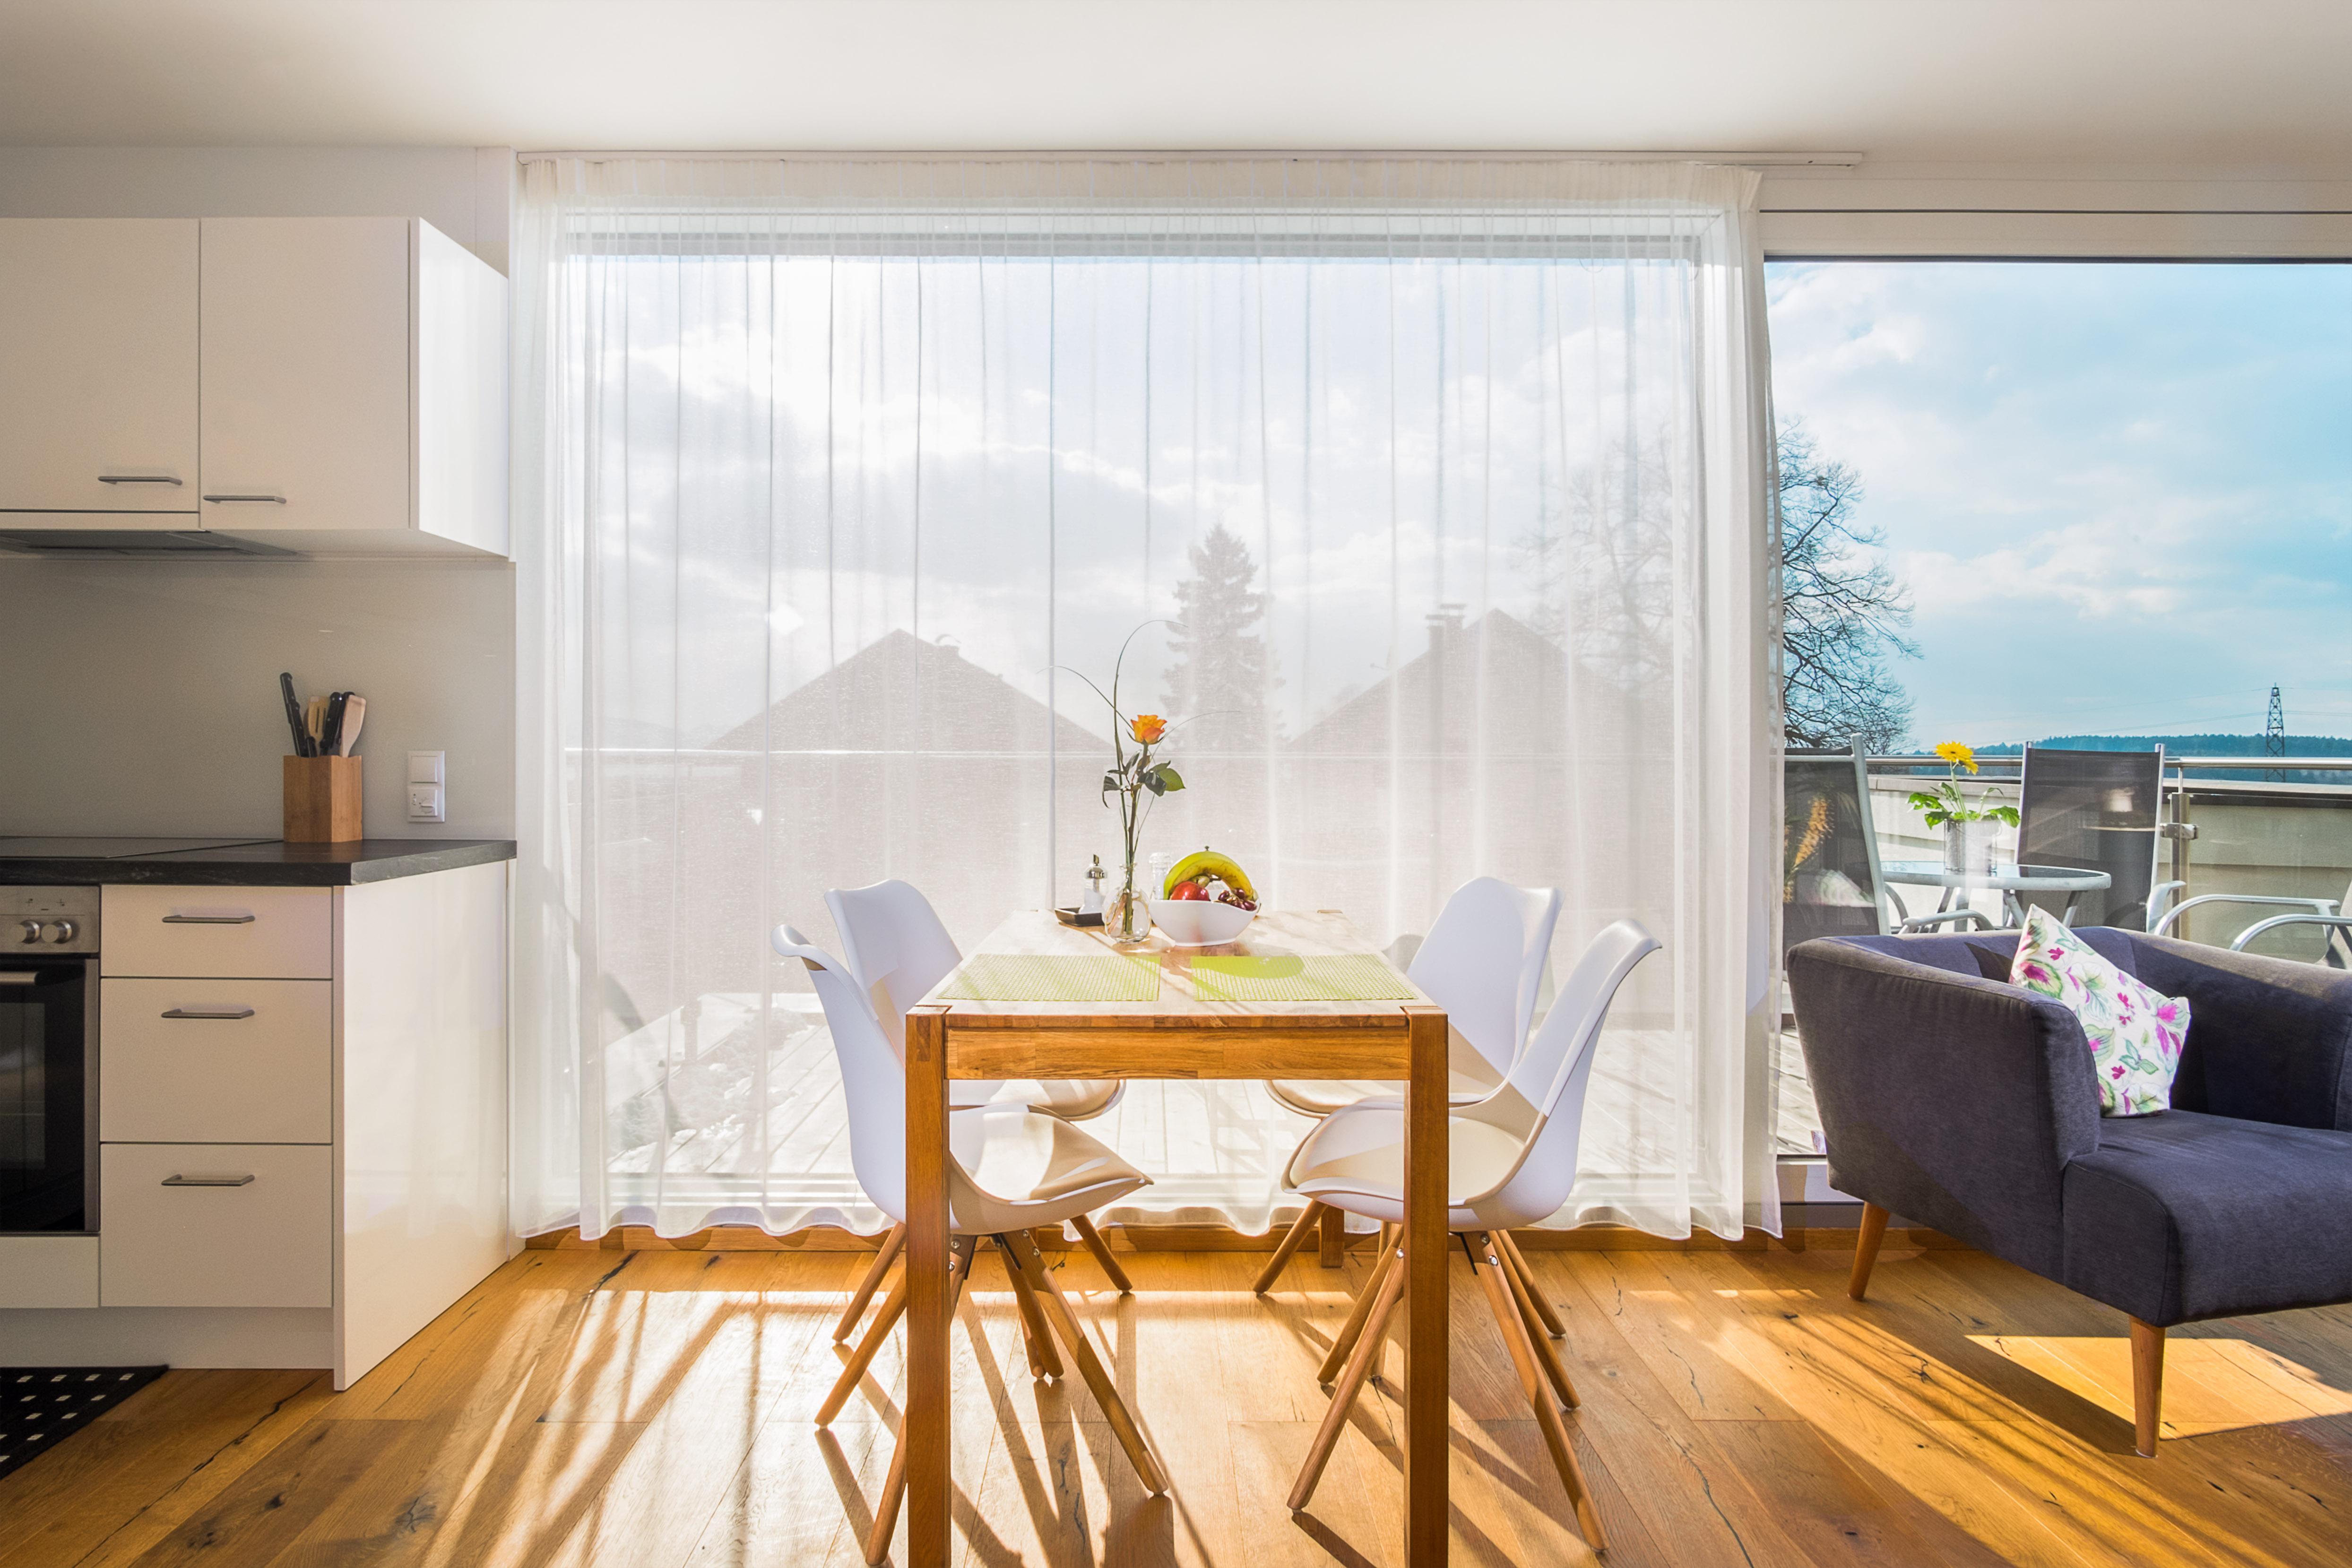 Appartement de vacances Sandra, (Hörbranz). Ferienwohnung Seeblick, 58qm, 1 Schlafzimmer, max. 4 Personen (2127338), Hörbranz, Bregenz, Vorarlberg, Autriche, image 13